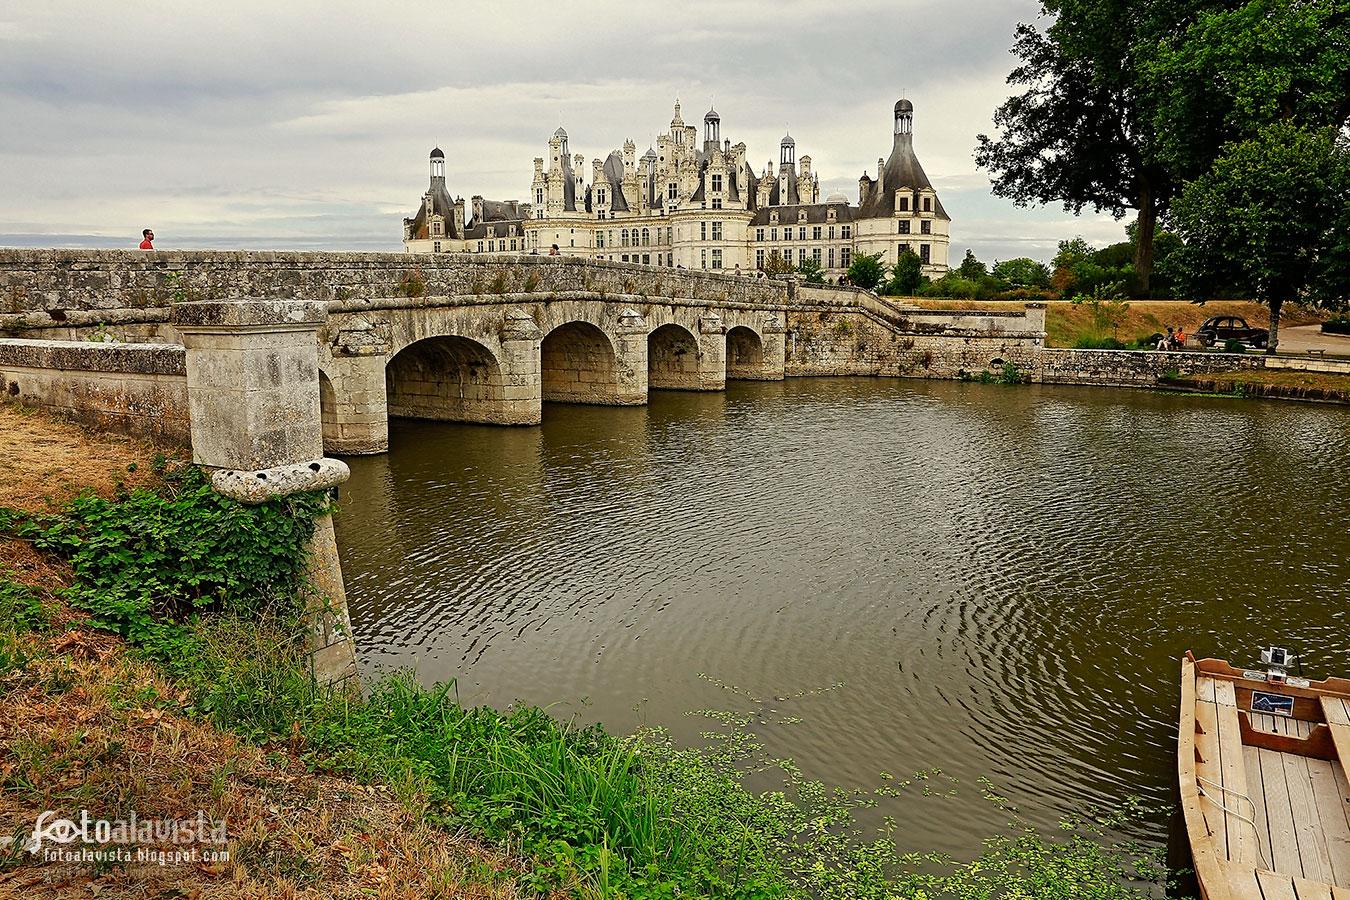 Río, puente y castillo - Fotografía